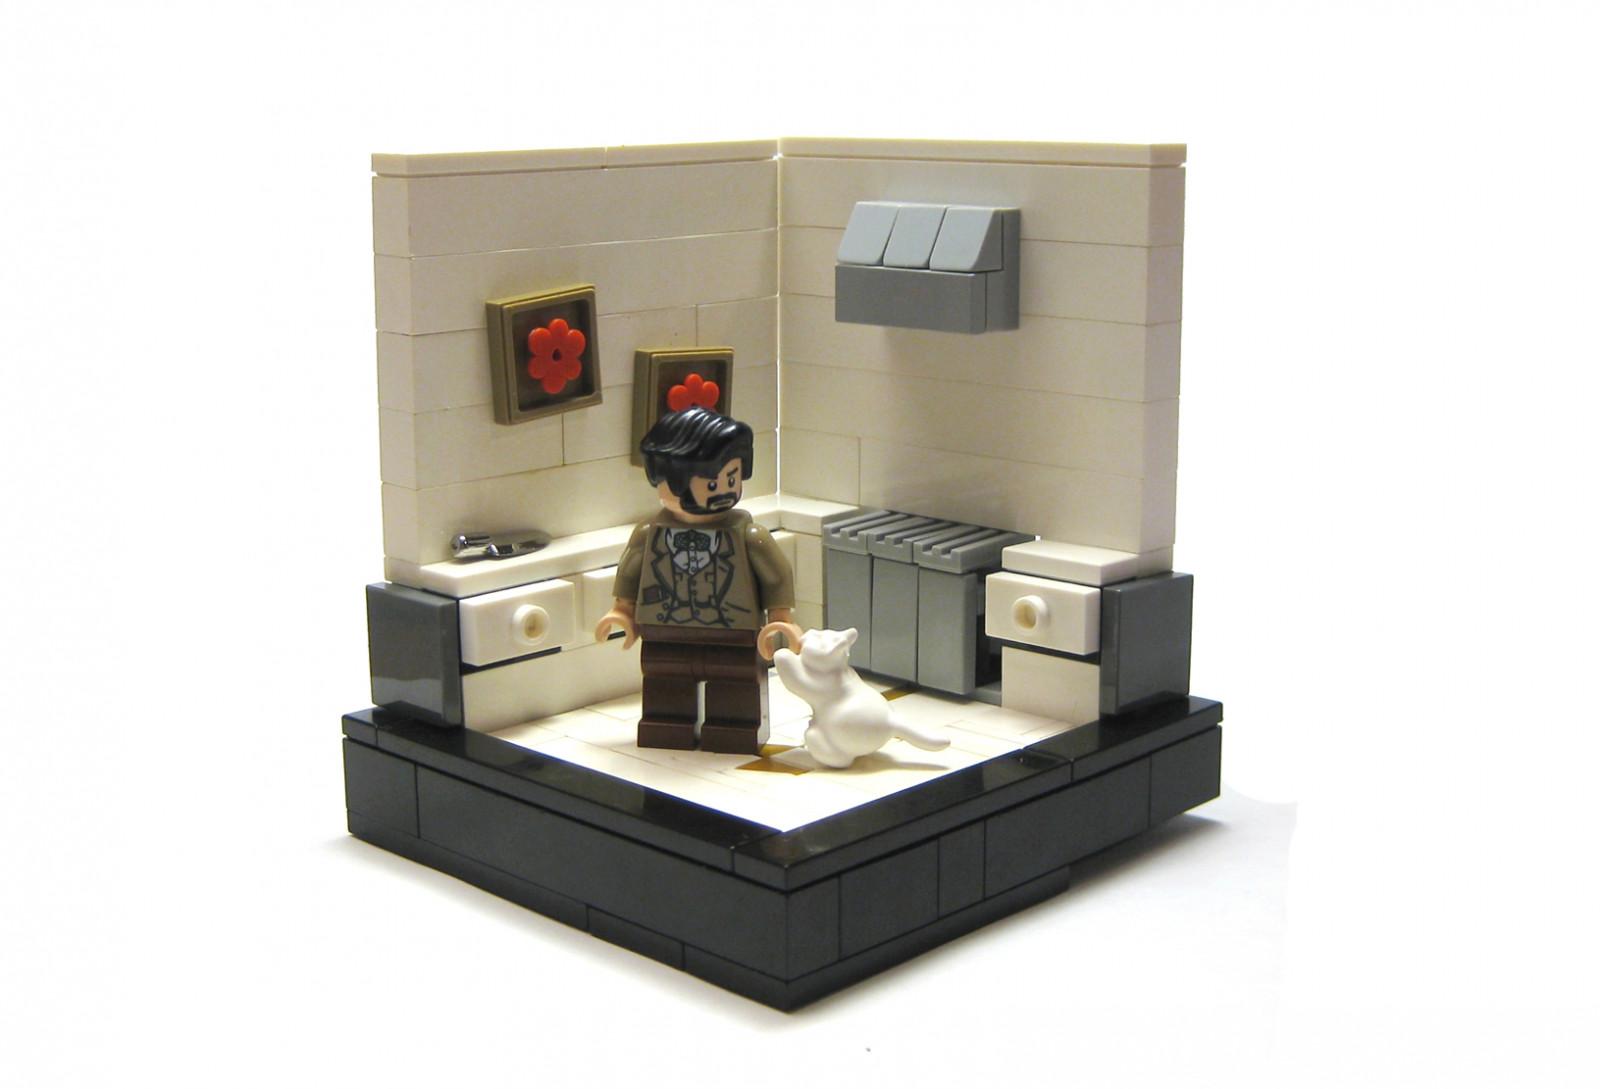 Hintergrundbilder : Katze, LEGO, Küche, Netzwerk, Vignette ...